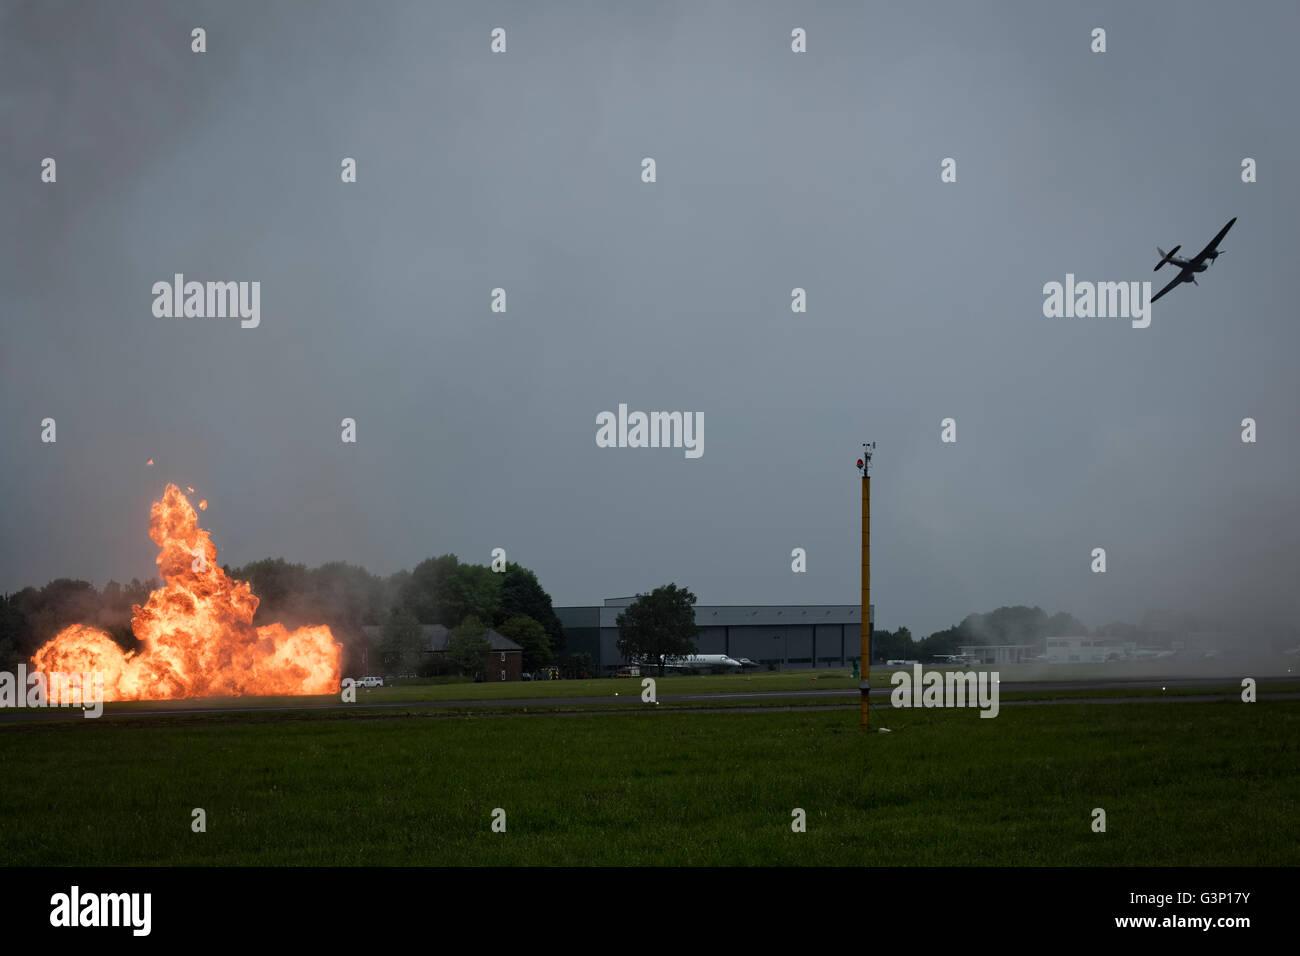 Biggin Hill Festival Of Flight >> Blenheim Bomber Causes A Fire At The Biggin Hill Festival Of